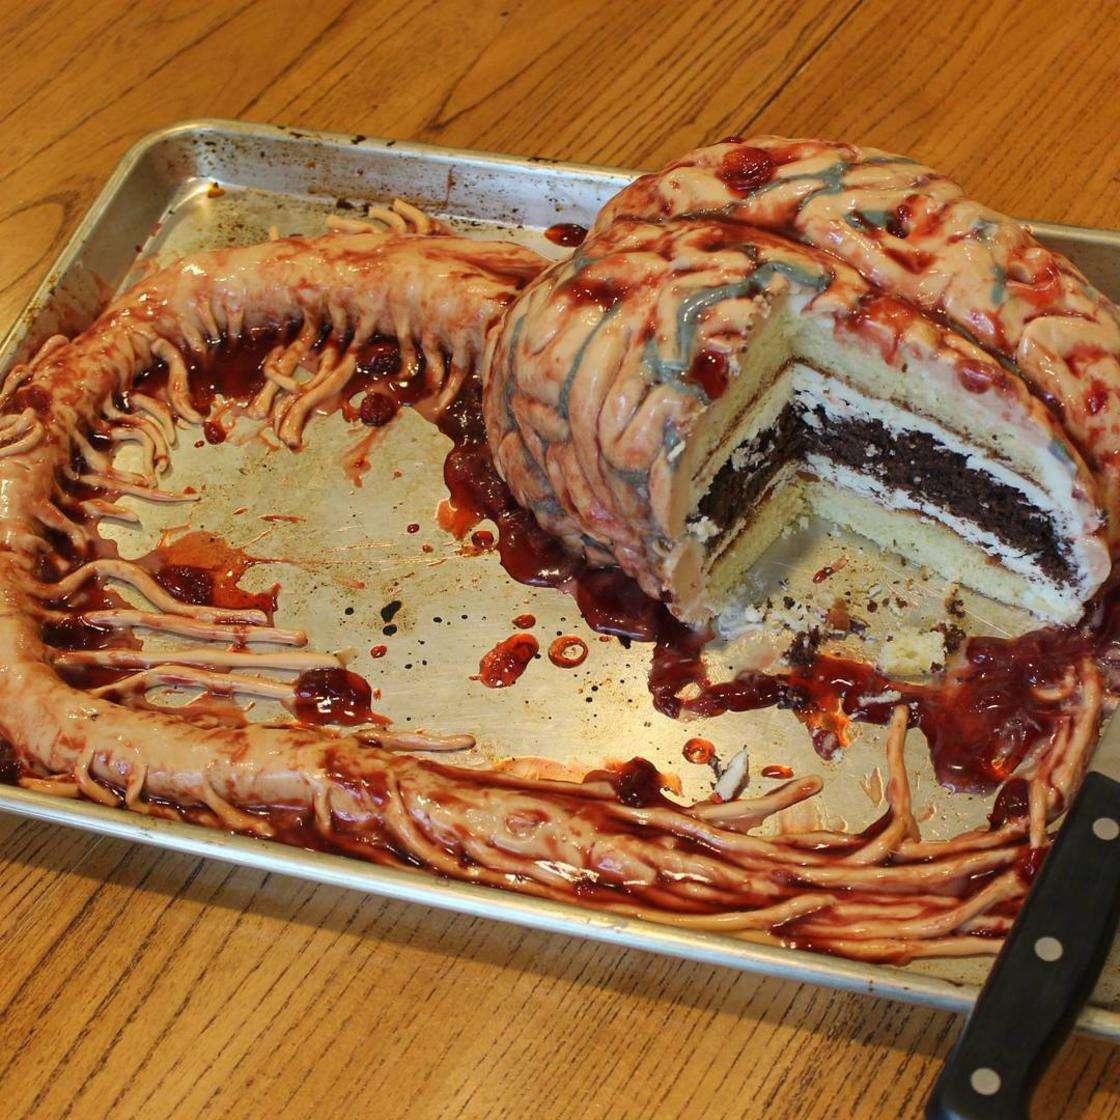 torte horror - deviant desserts 5 - Torte horror e dolcetti insanguinati. Le inquietanti creazioni di Deviant dessert